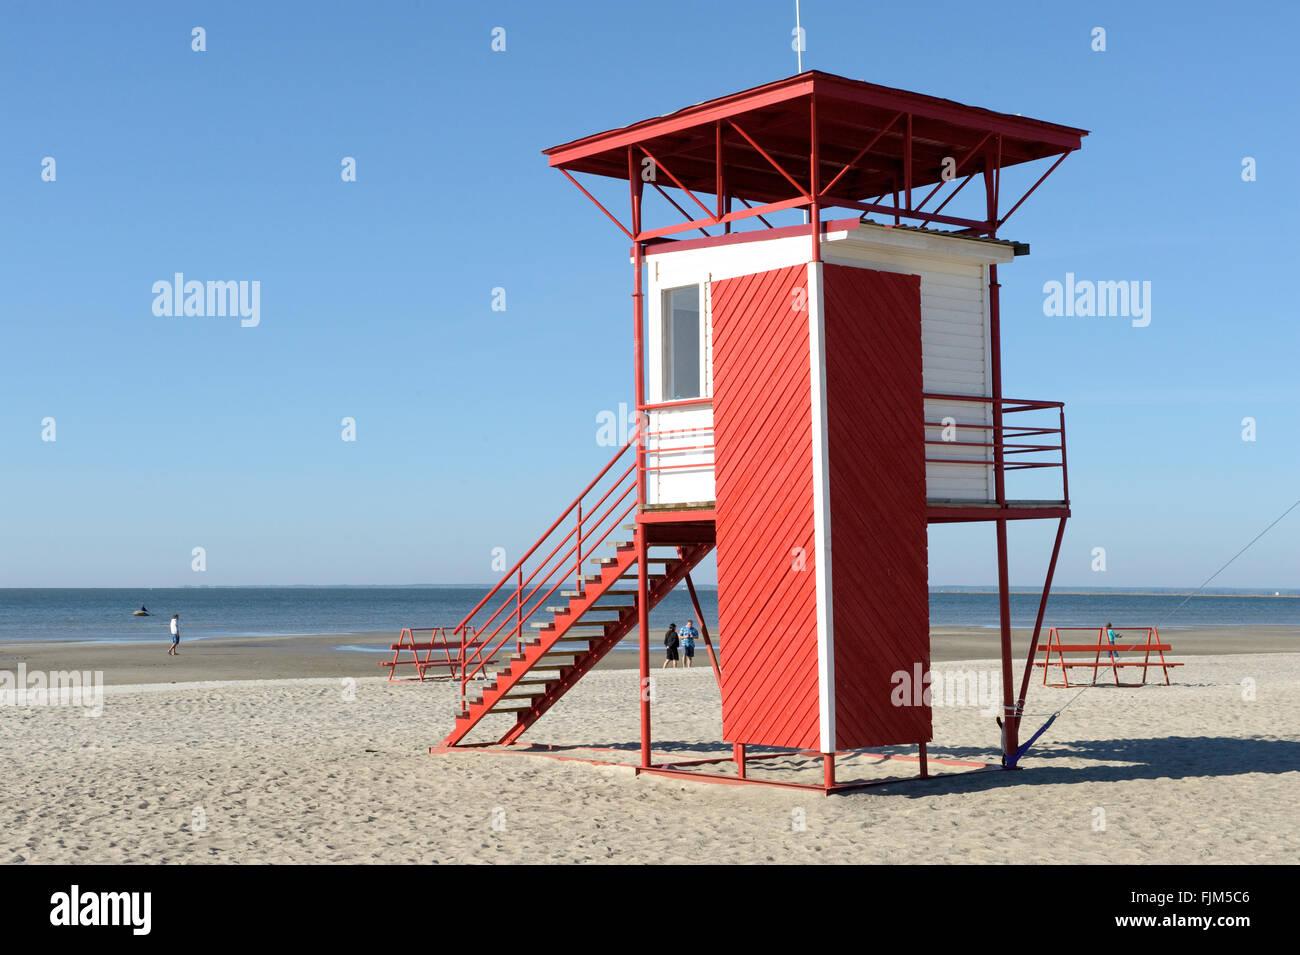 Geographie/Reisen, Estland, Pärnu, Strände, Outlook für Rettungsschwimmer, Außenansicht, Additional Stockbild